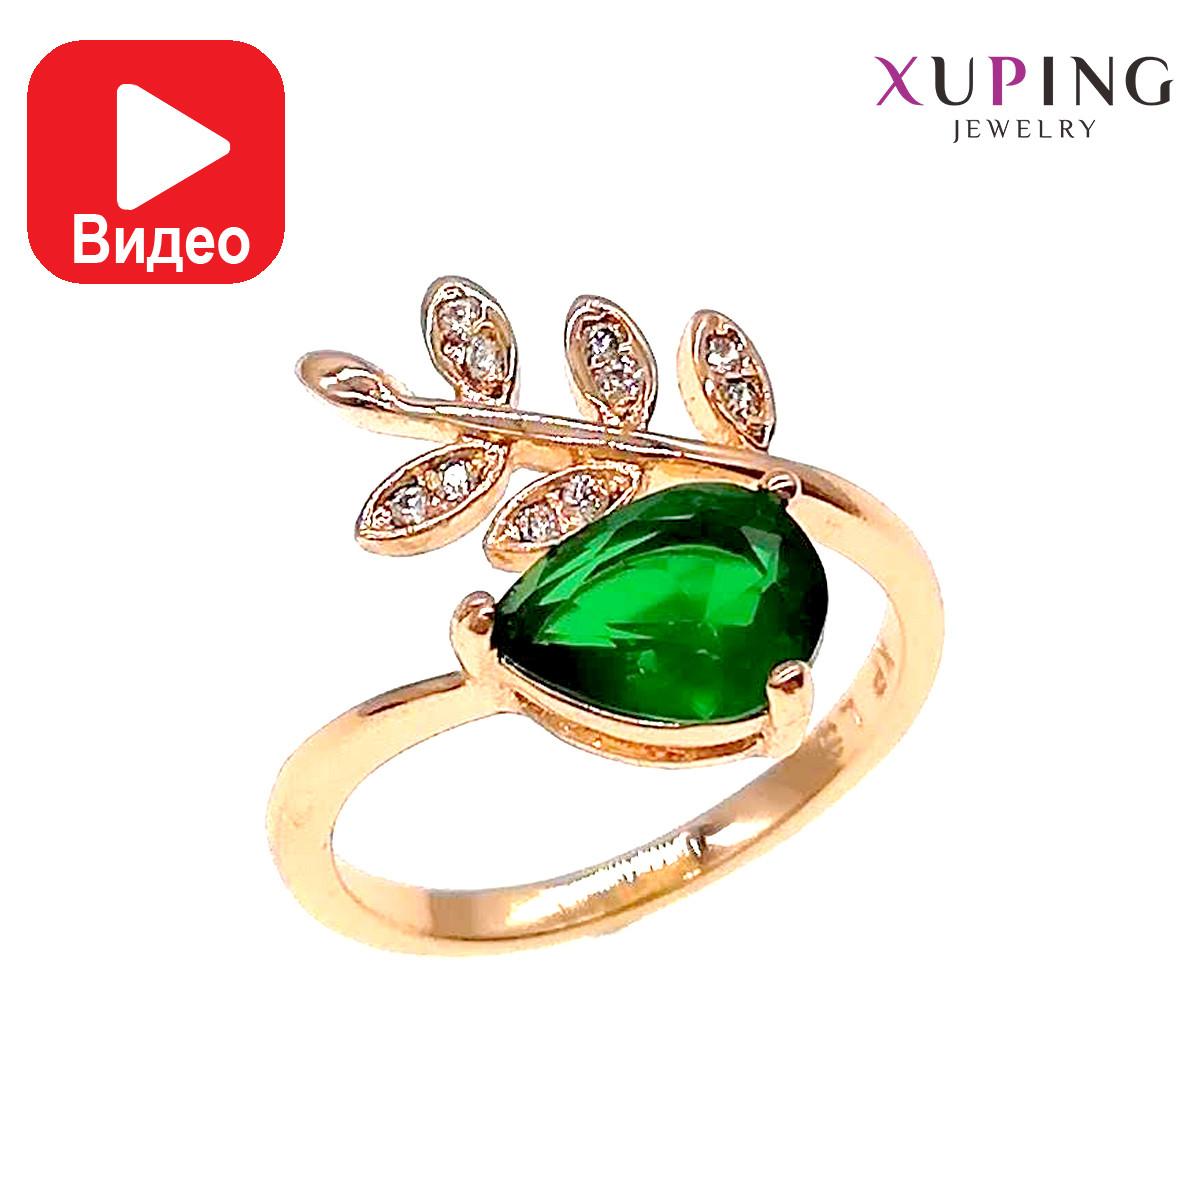 Кільце Xuping з зеленими і білими фіанітами (куб. цирконієм), з медичного золота, в позолоті, ХР00338 (16)